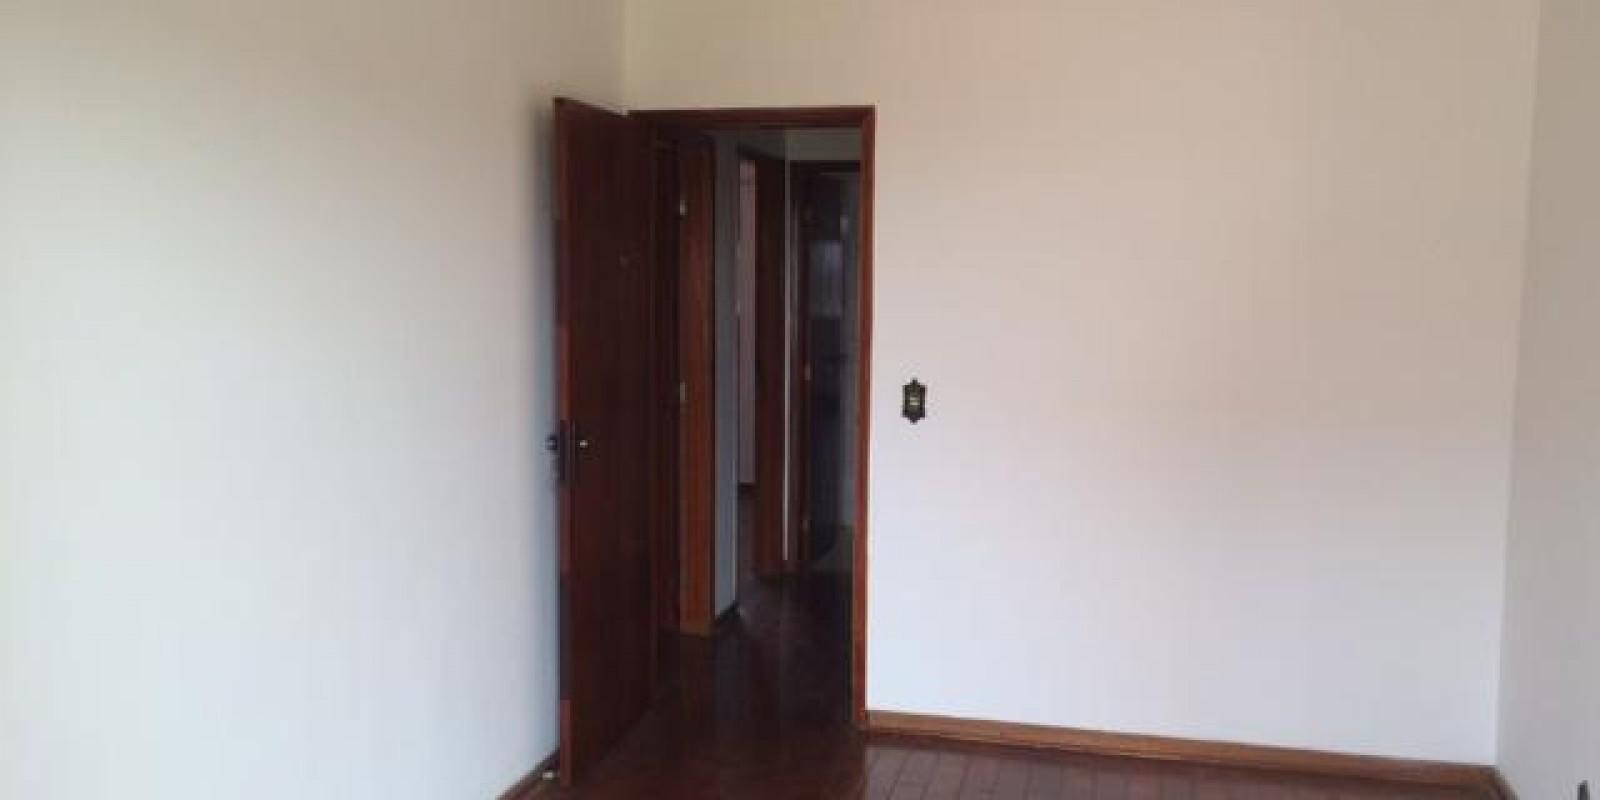 Casa no Condomínio Fechado em Avaré SP - Foto 16 de 17